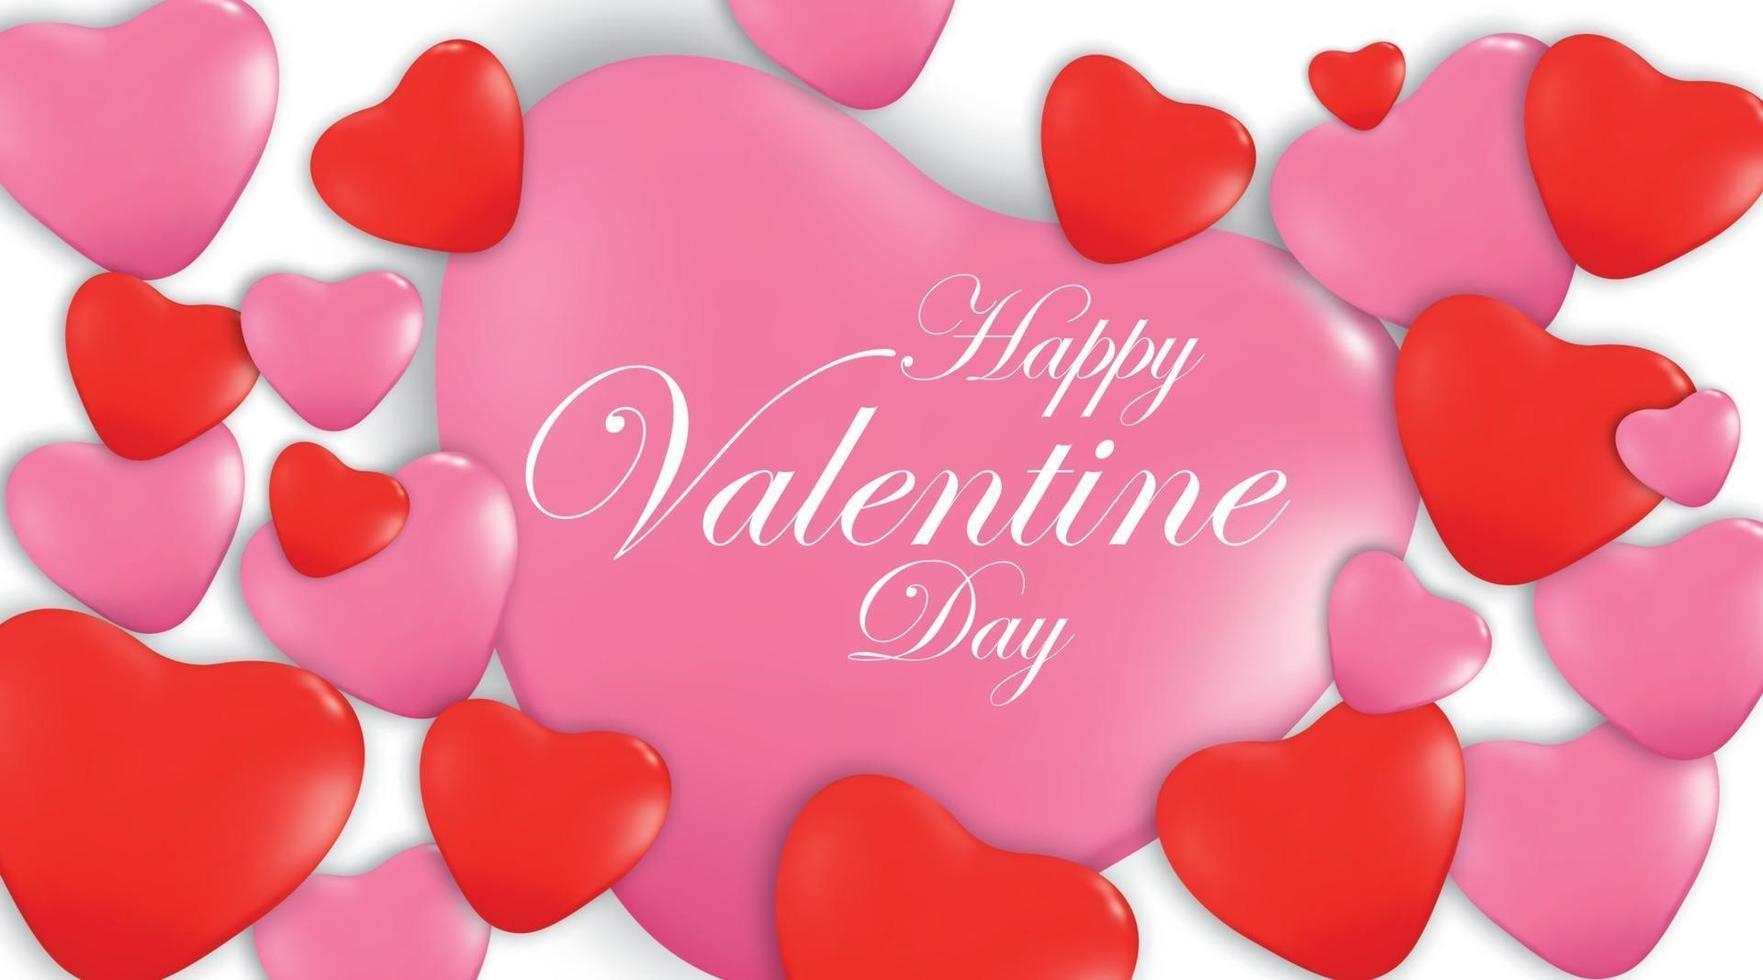 Bannière de félicitation joyeuse Saint Valentin avec des formes de coeur 3d rouge et rose - illustration vectorielle vecteur